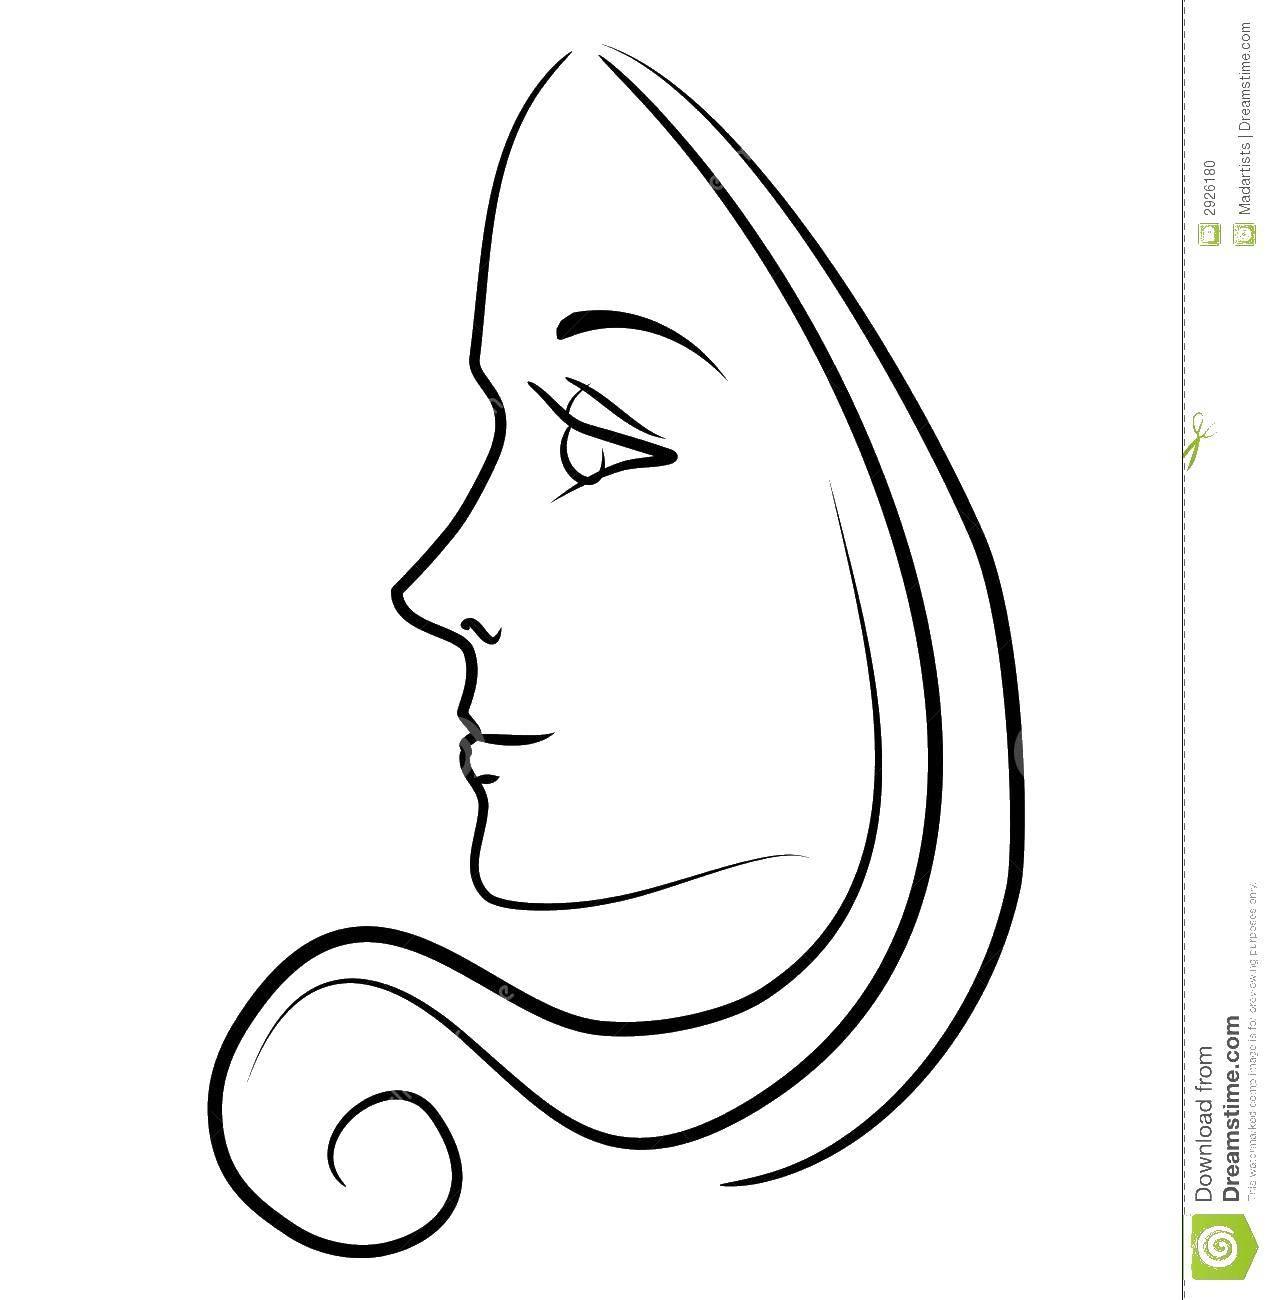 Раскраска Контур девочки Скачать Белоснежка, Жасмин, Золушка, Ариэль.  Распечатать ,Принцессы,